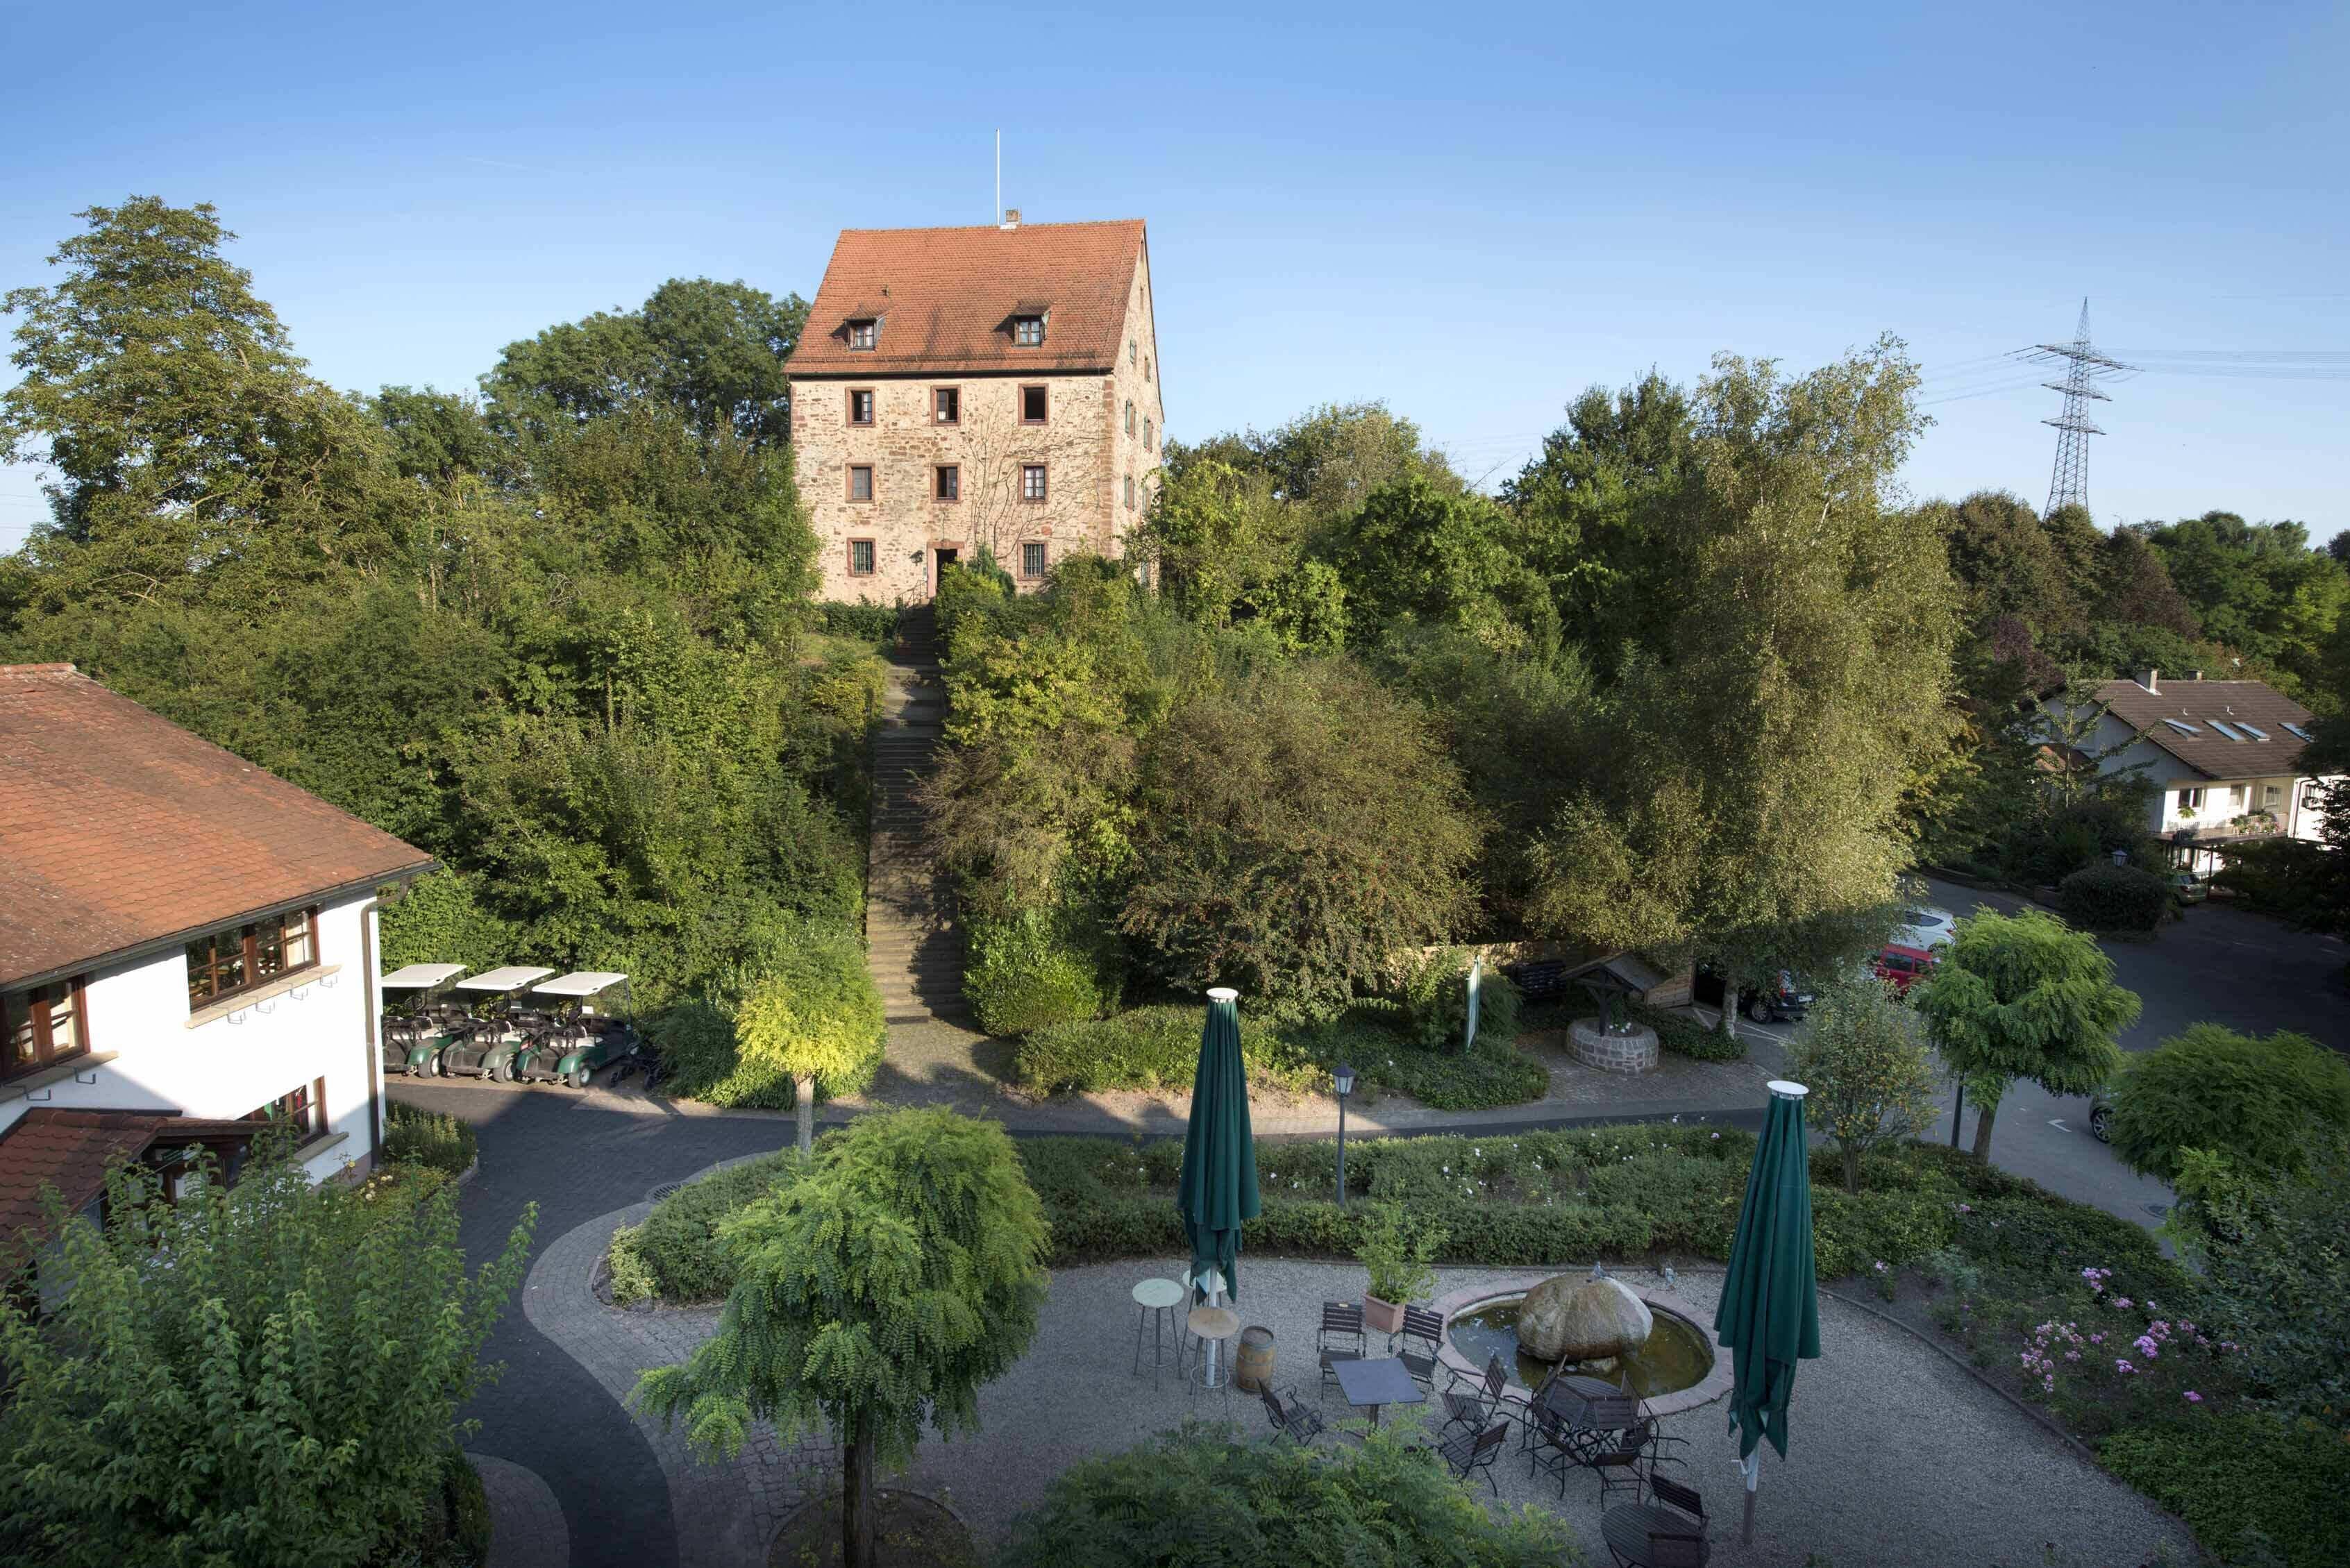 Burg Hohenhardt